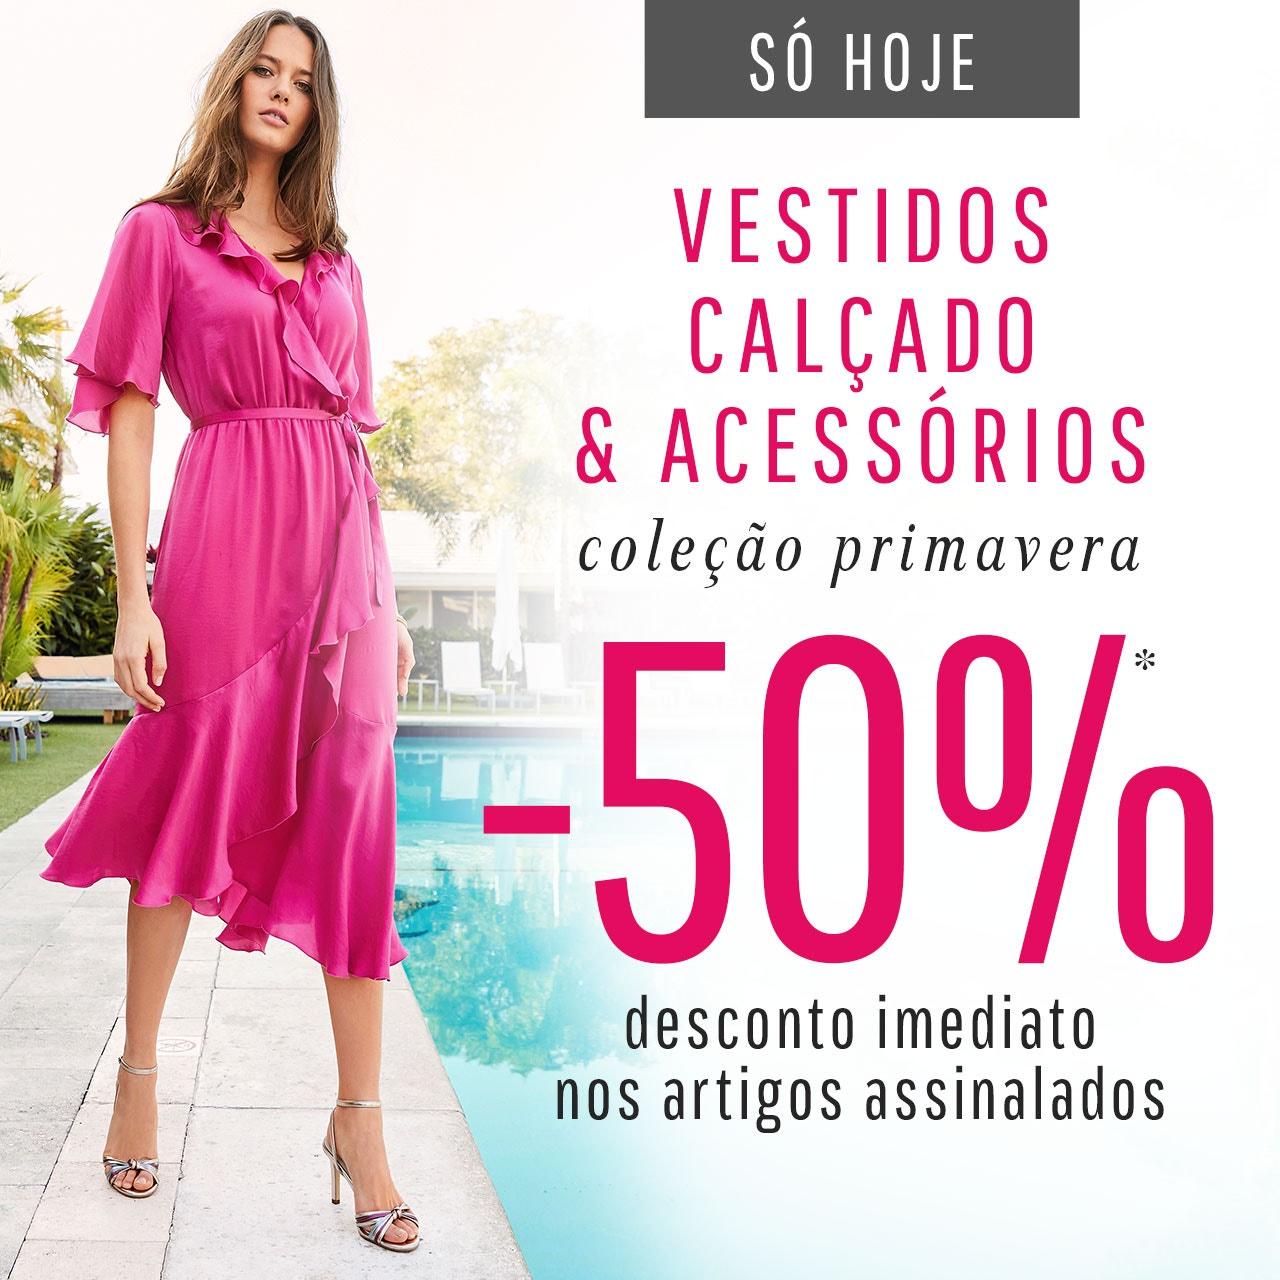 Só Hoje -50% em vestidos, calçado e acessórios